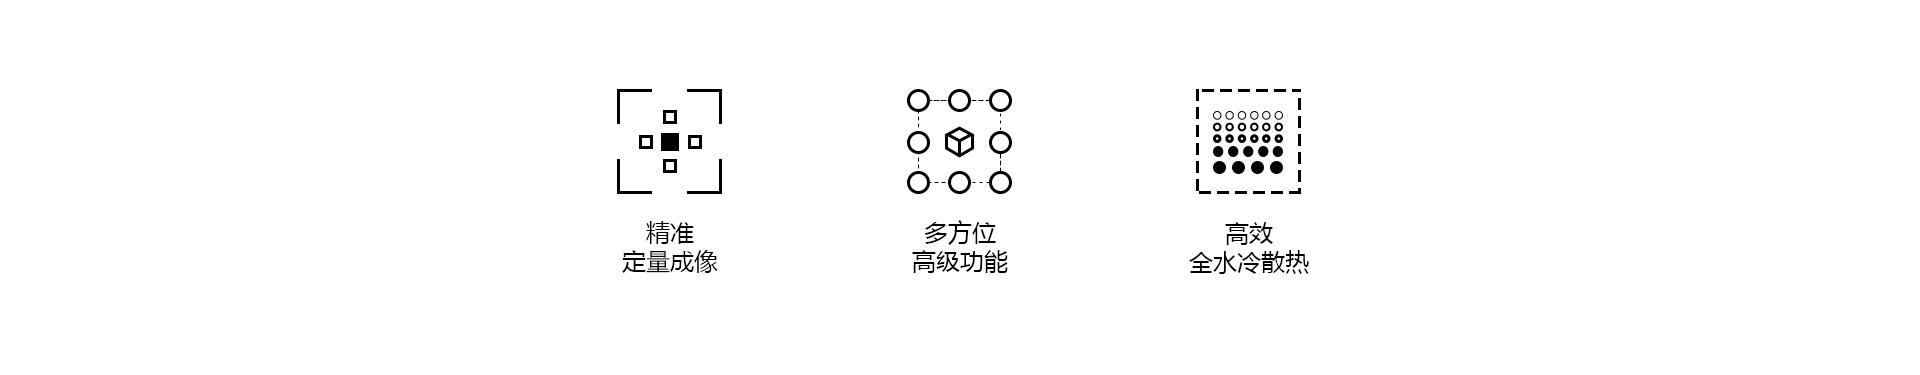 004_06.jpg